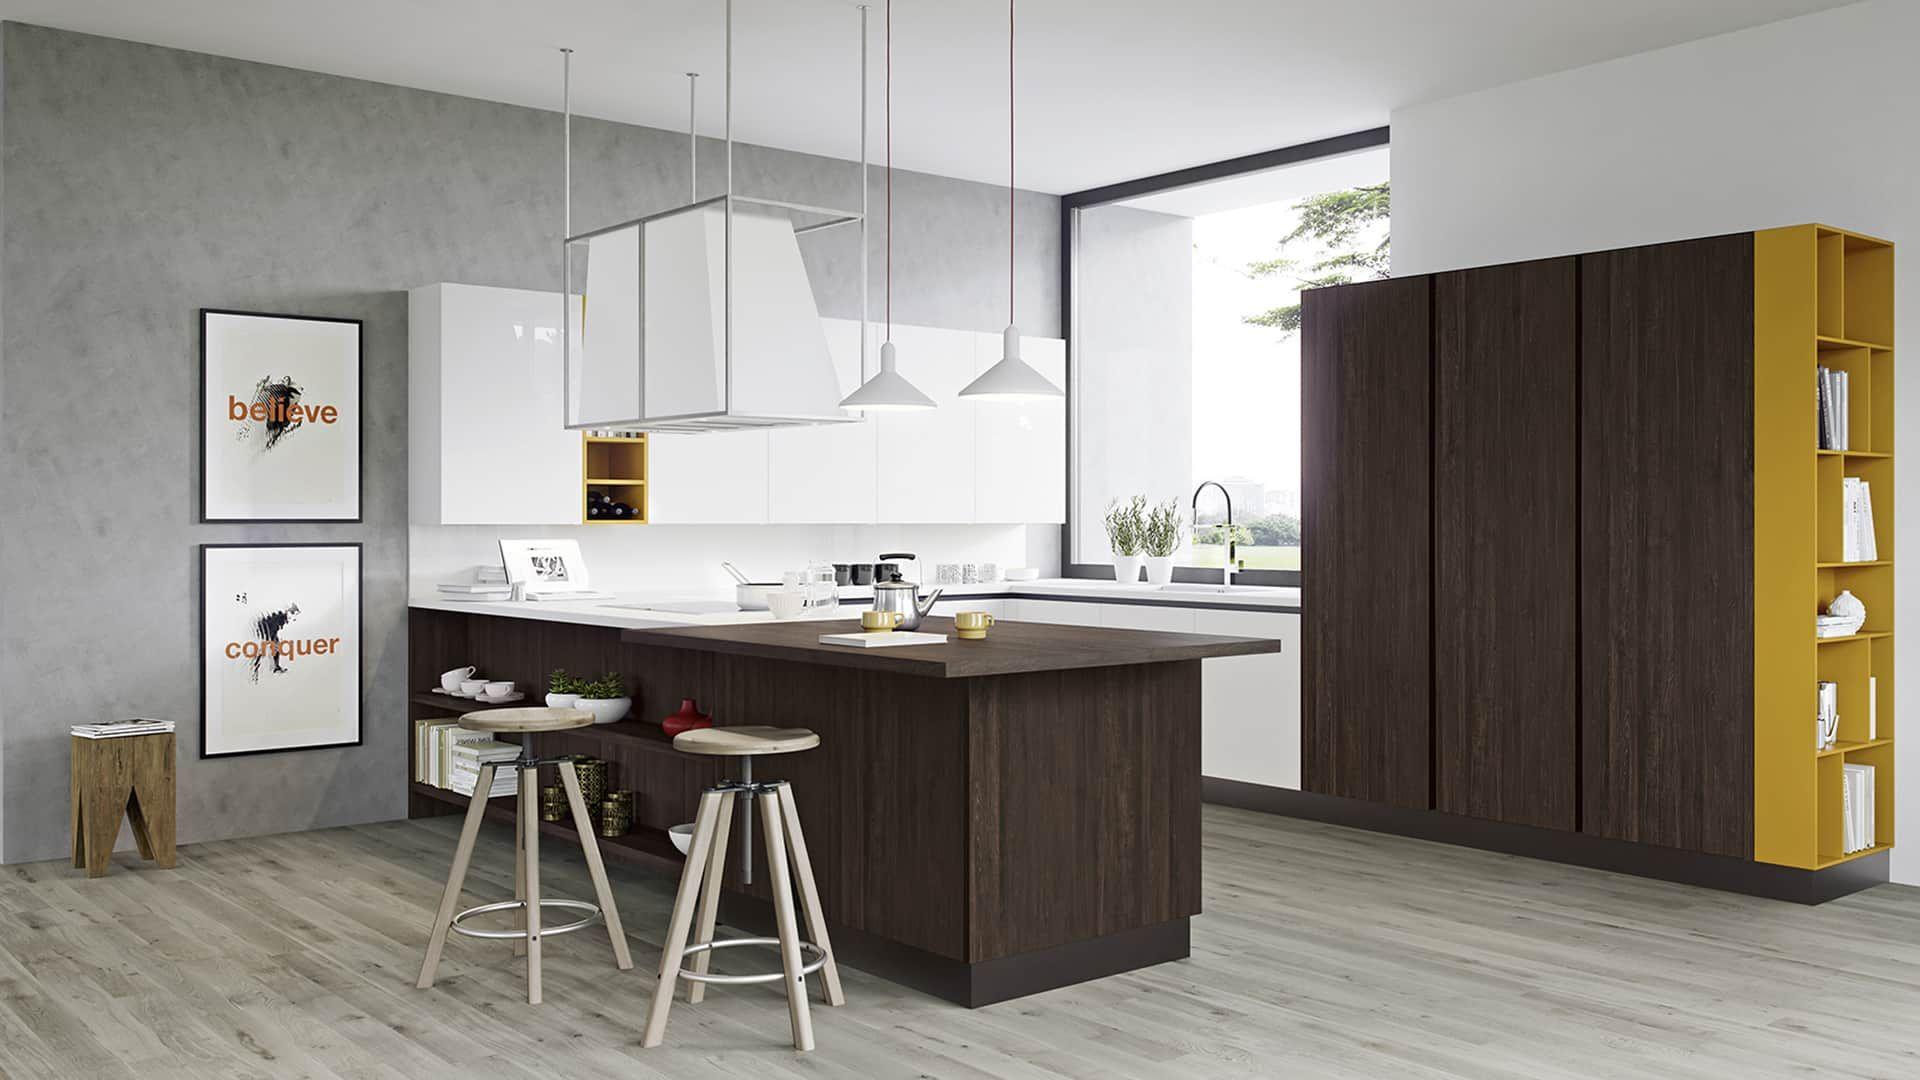 Cucine moderne con penisola a padova trova la tua cucina con penisola da arredamenti meneghello - Cucine a padova ...